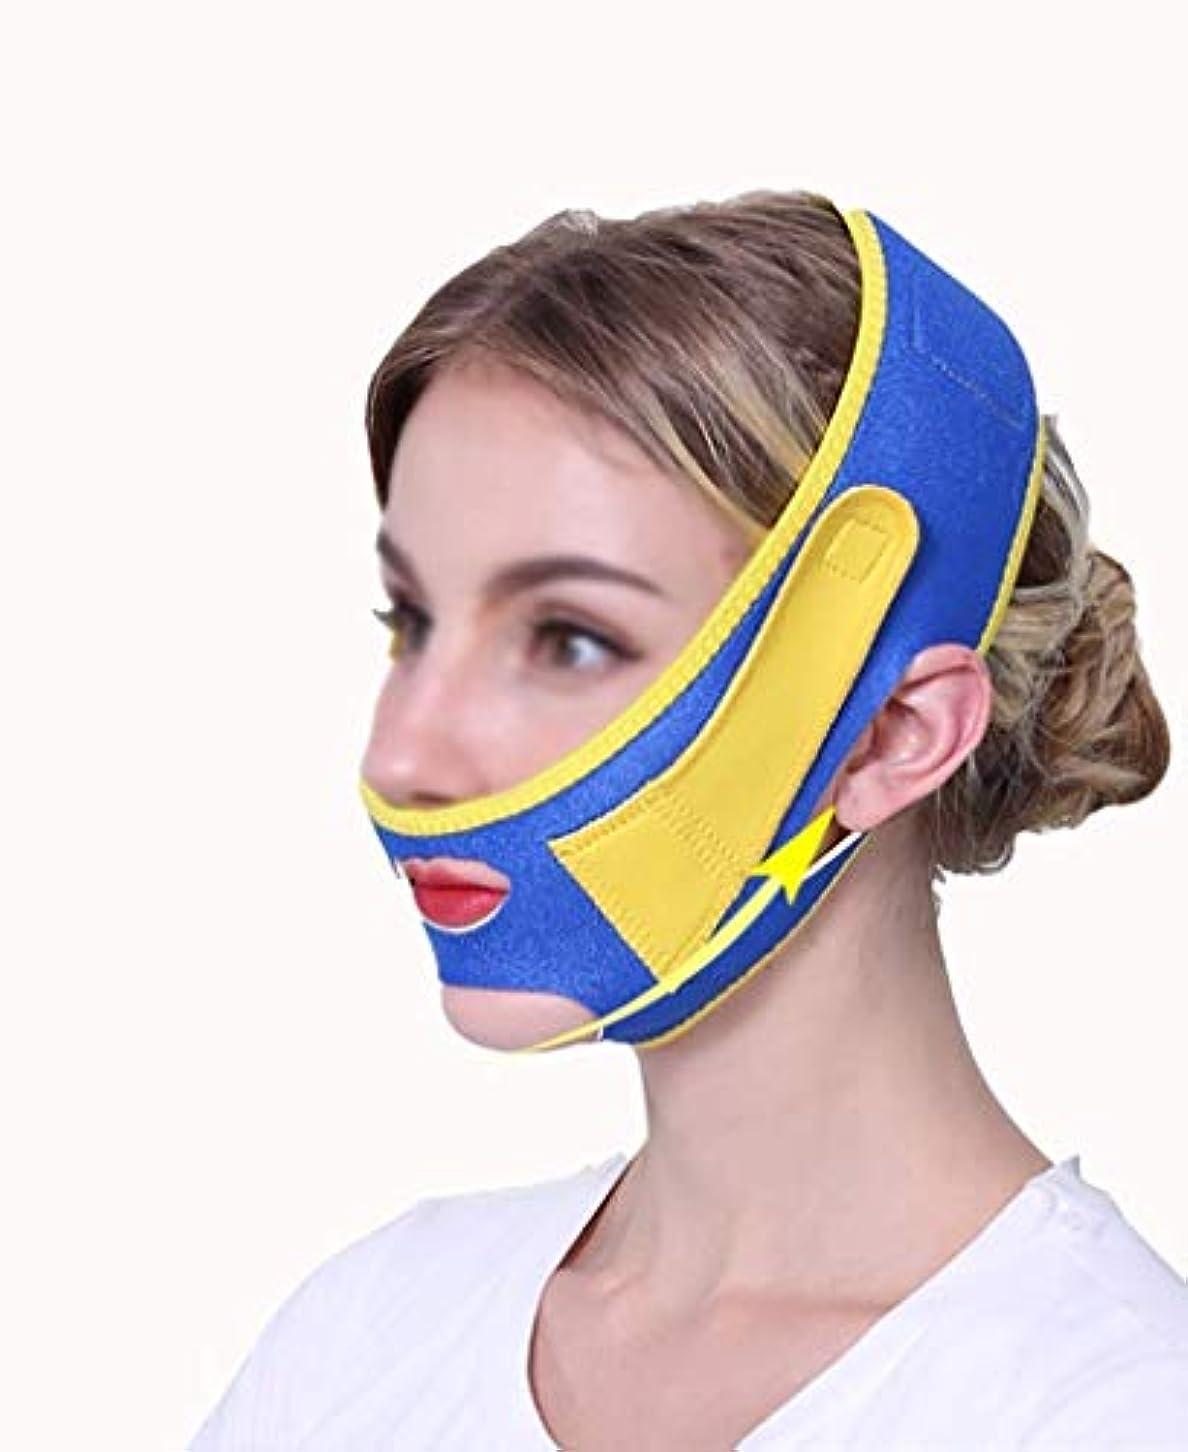 サンダルエスカレートアレンジフェイスリフトマスク、あごひも回復包帯薄いフェイスマスクVフェイスステッカーフェイスリフトステッカー韓国本物のリフティング引き締め引き締め成形薄いダブルチンフェイスリフト睡眠包帯アーティファクト